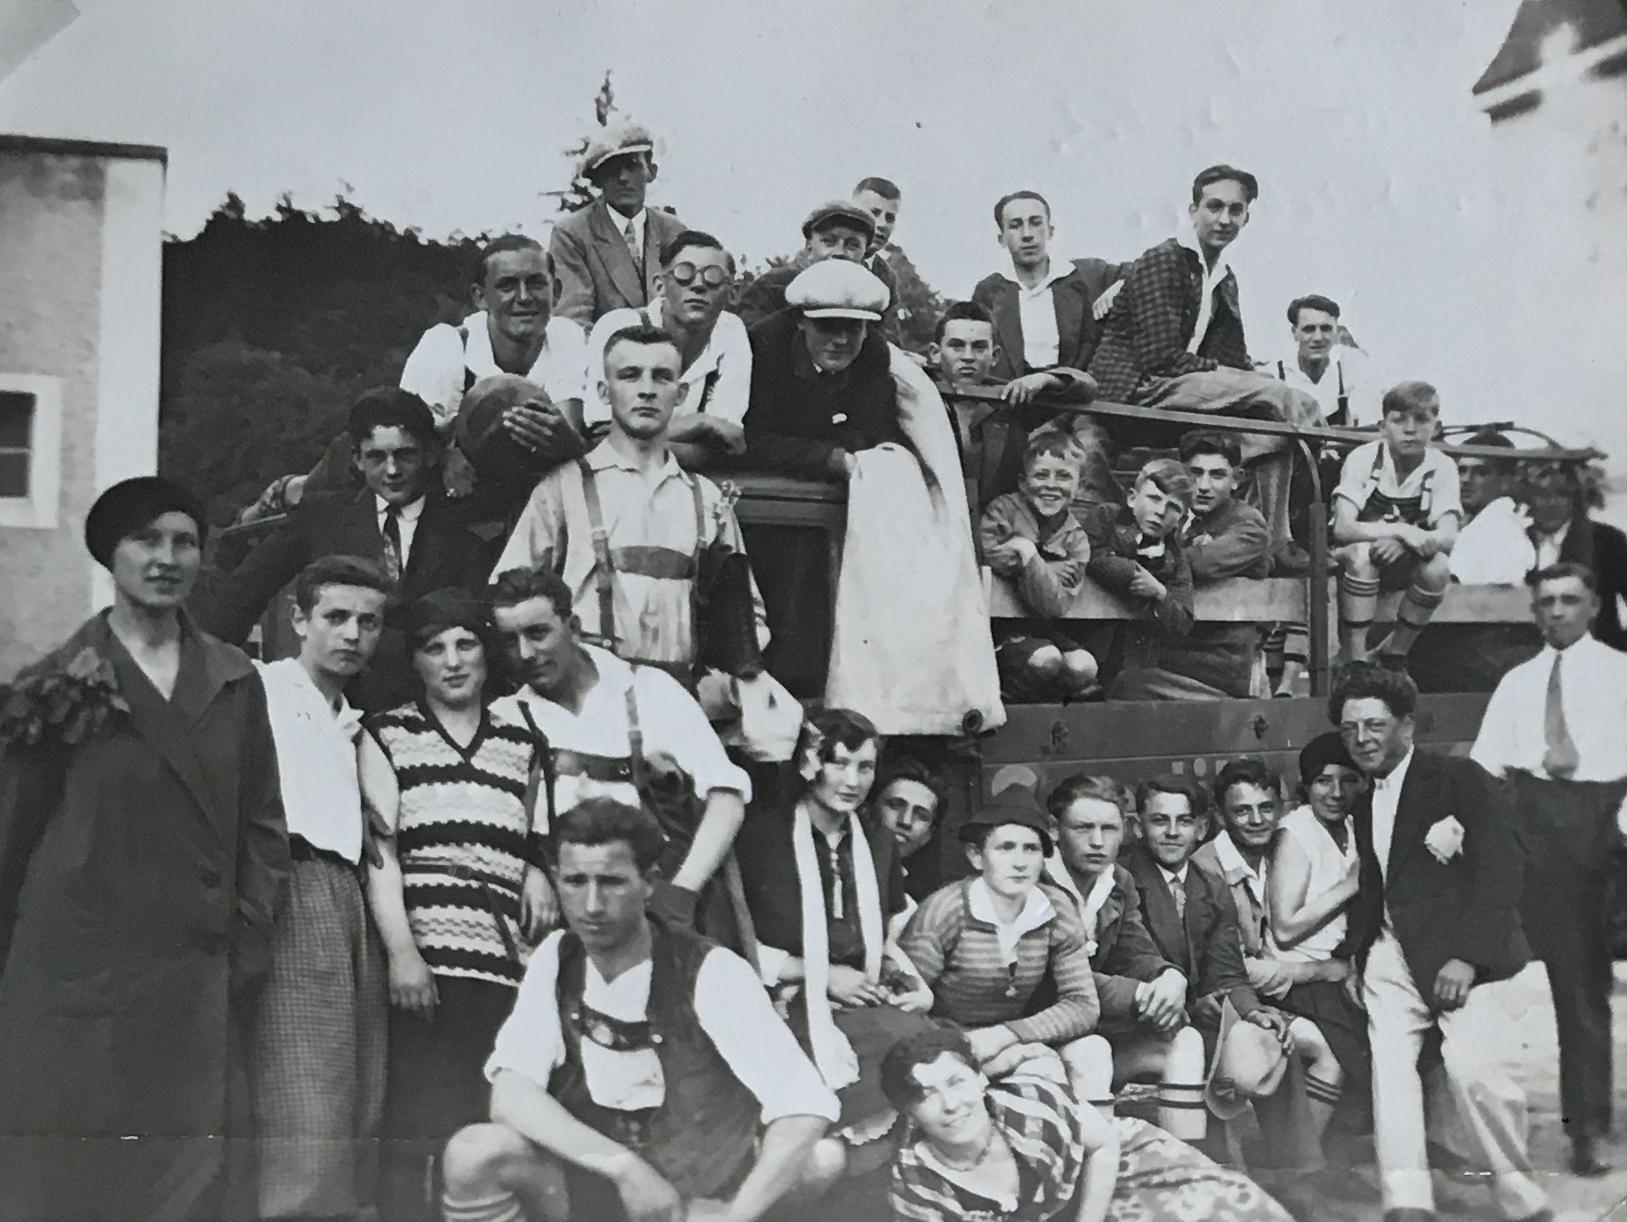 Die SpVgg Ziegetsdorf im Jahre 1932 auf dem Weg zu einem Spiel nach Sulzbach/Donau